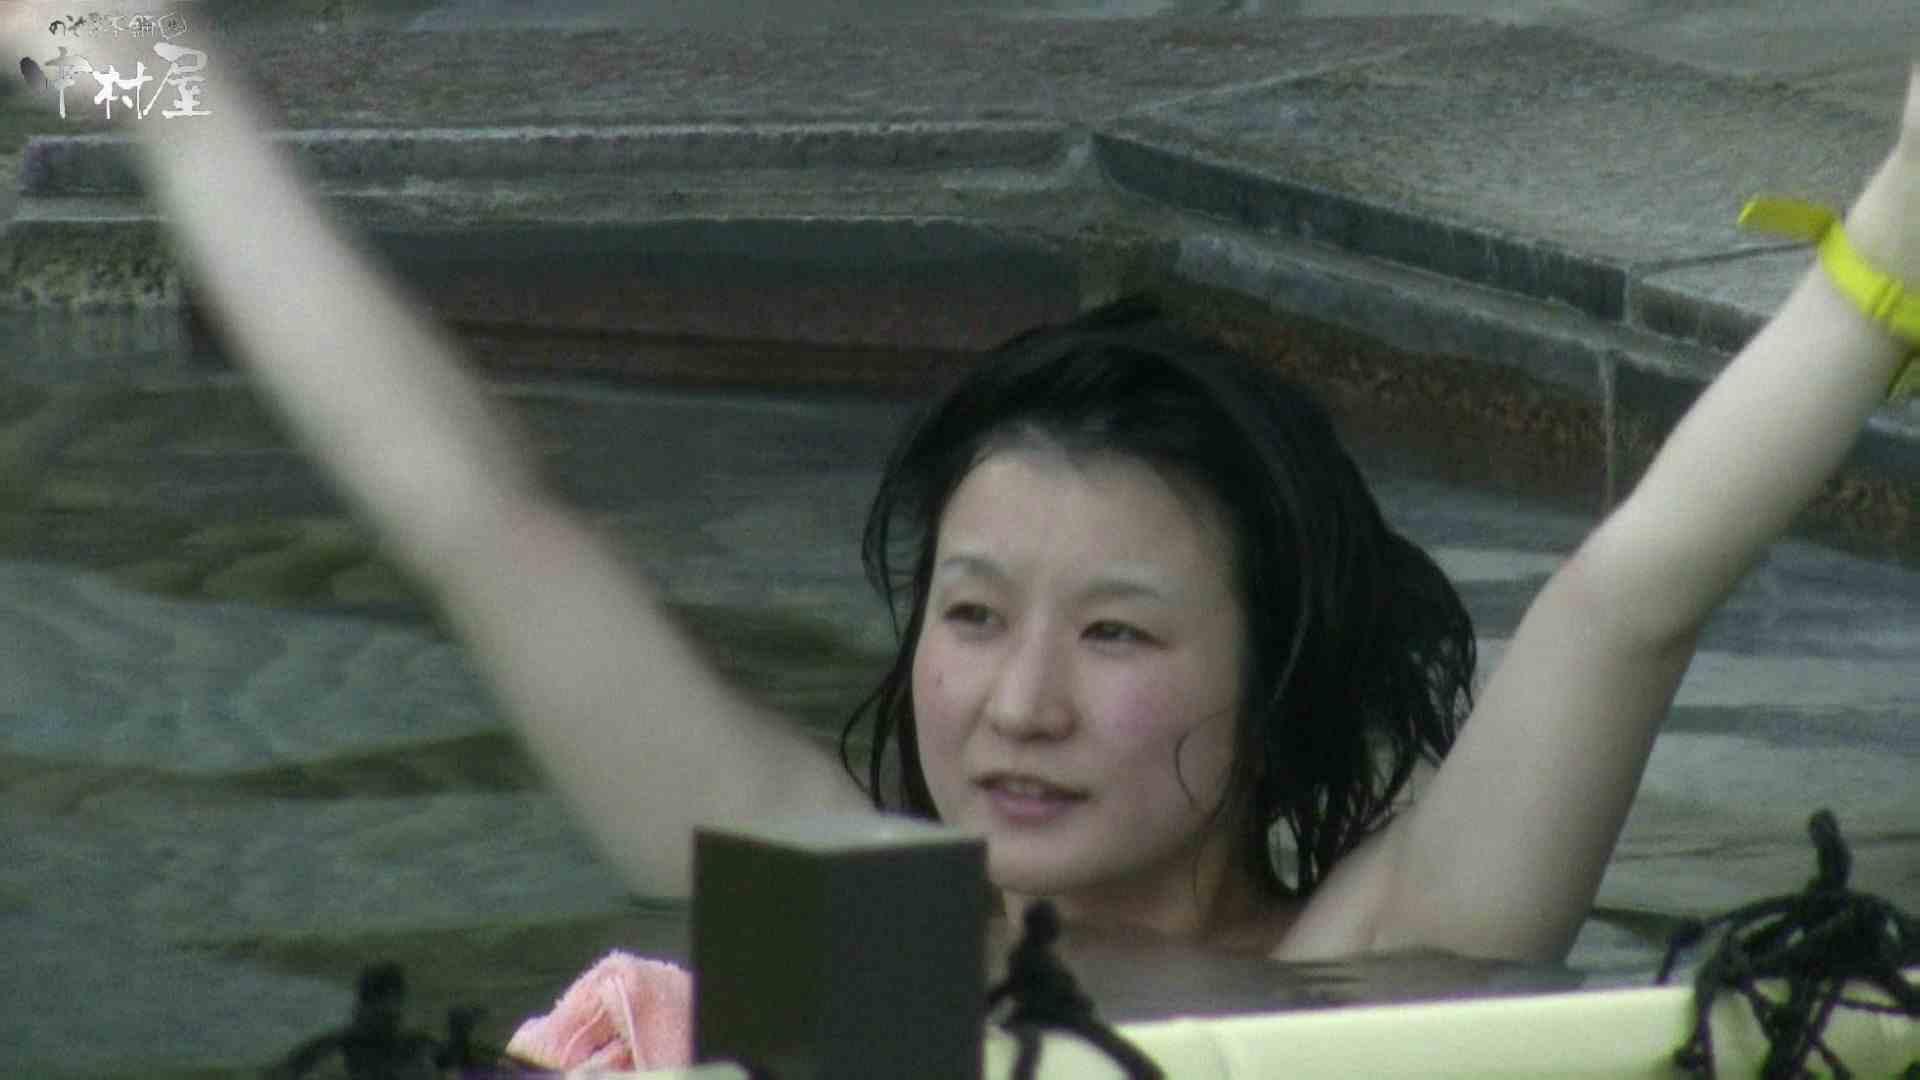 Aquaな露天風呂Vol.982 美しいOLの裸体   盗撮師作品  78pic 34